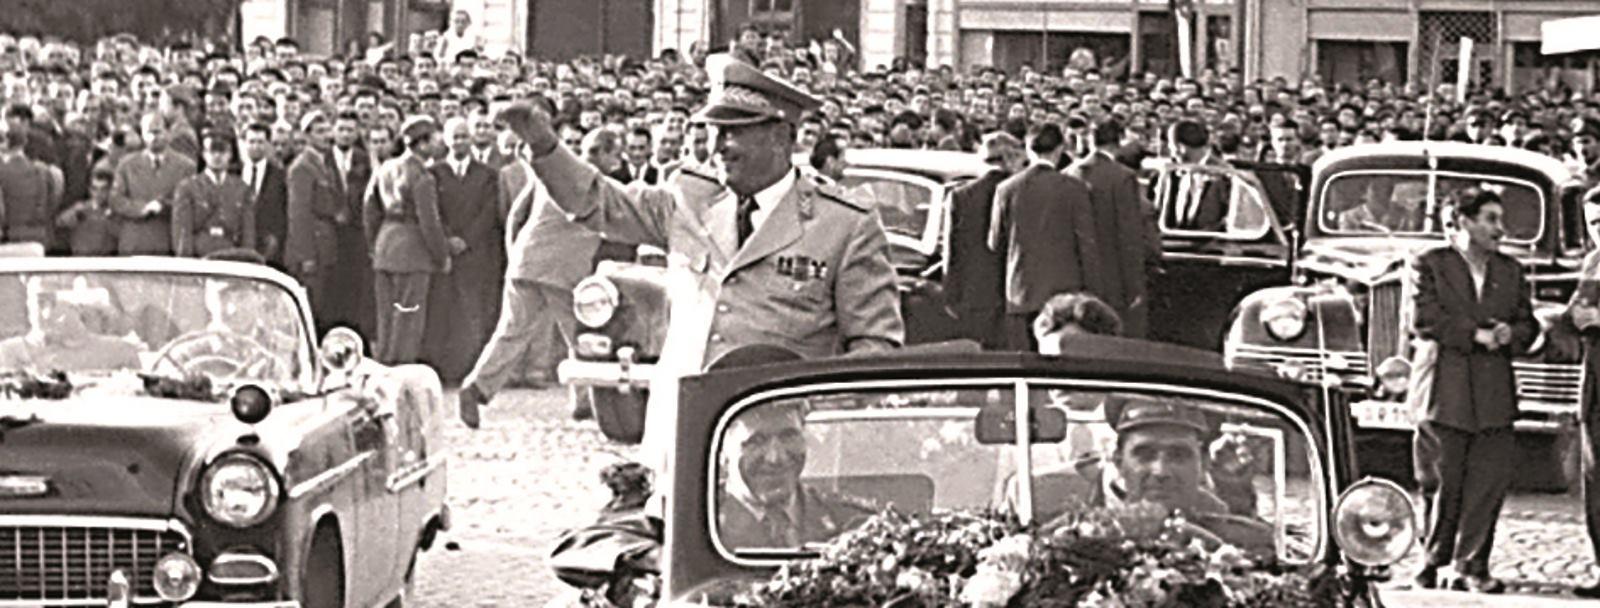 EKSKLUZIVNA REPORTAŽA: Automobili kao Titov rekvizit za vanjsku politiku